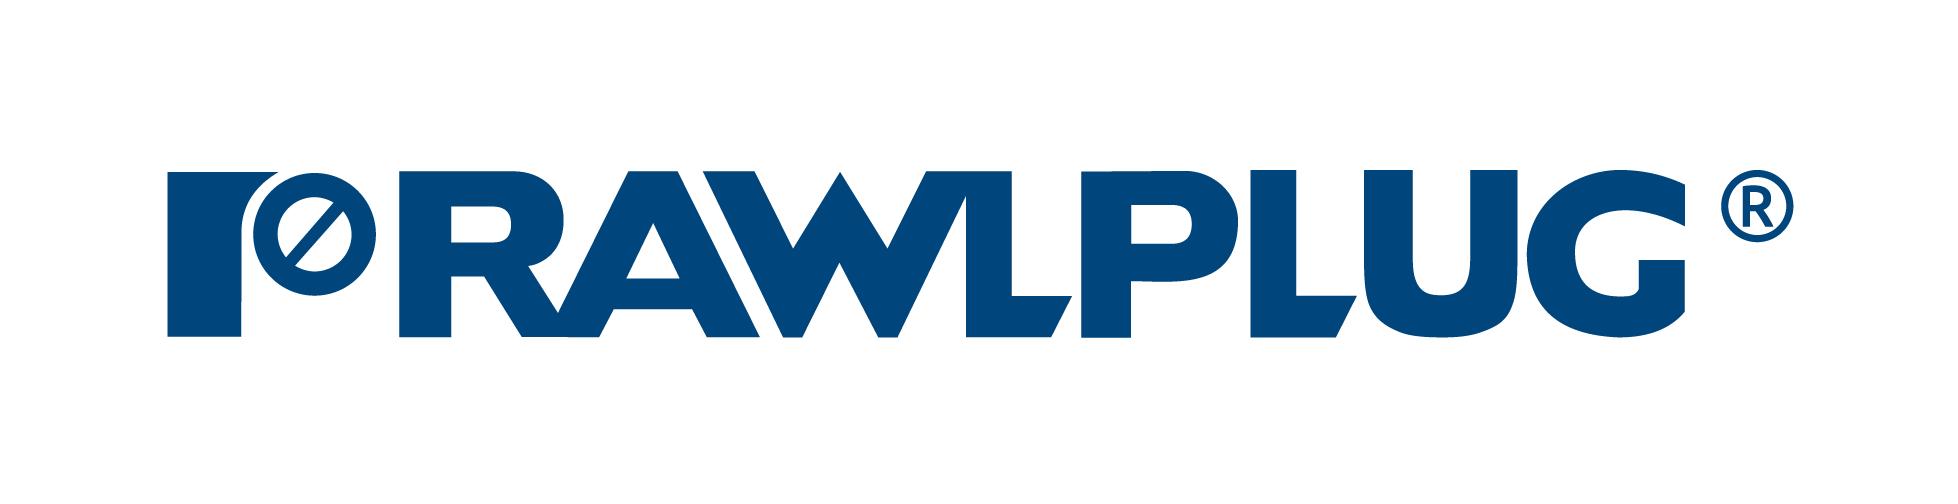 Rawlplug logo - blue on white